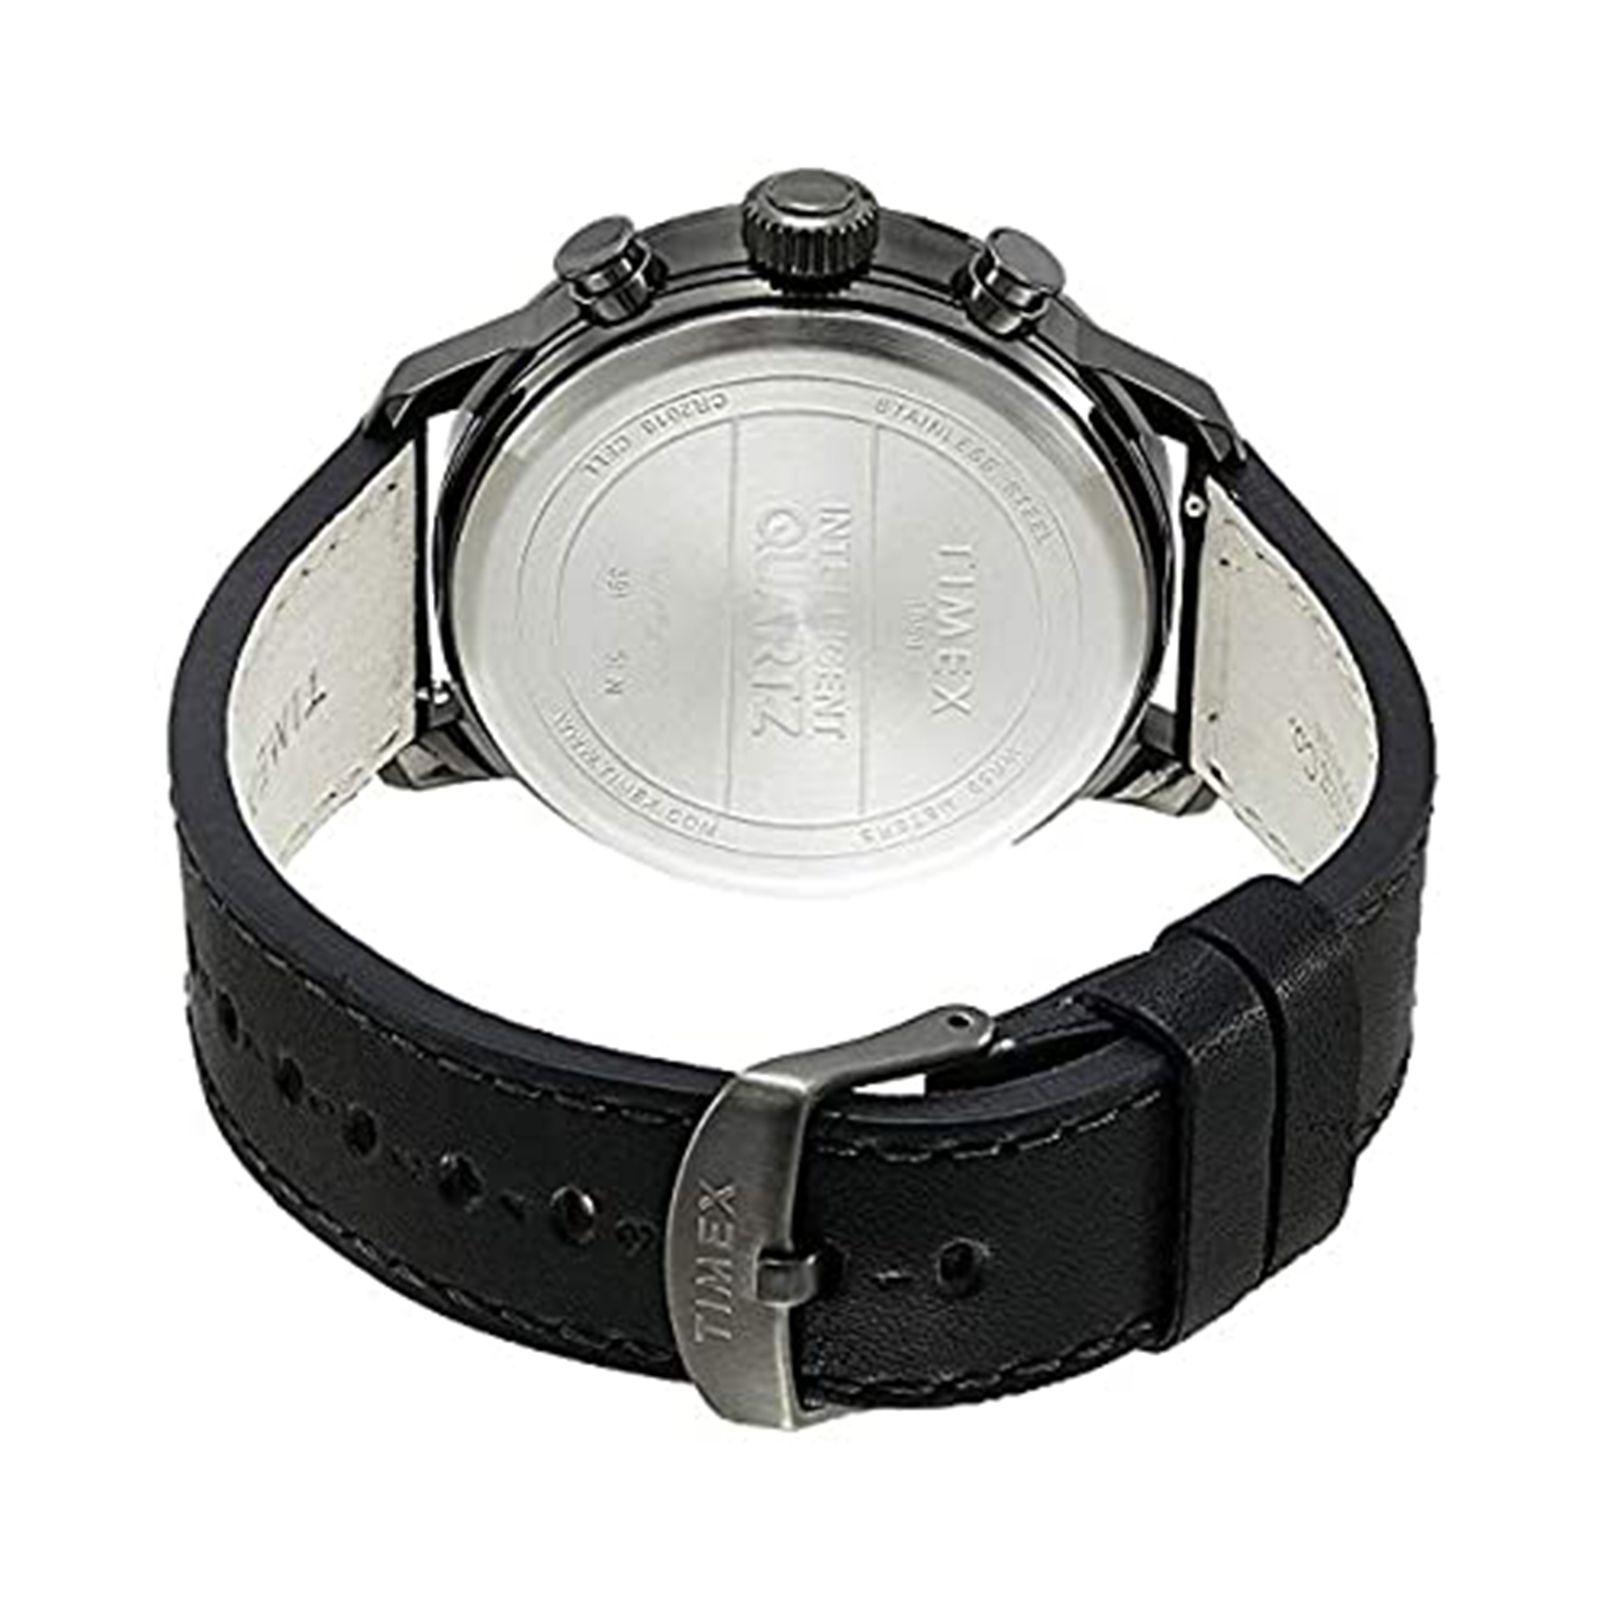 ساعت مچی عقربه ای مردانه تایمکس مدل TW2R69000 -  - 2